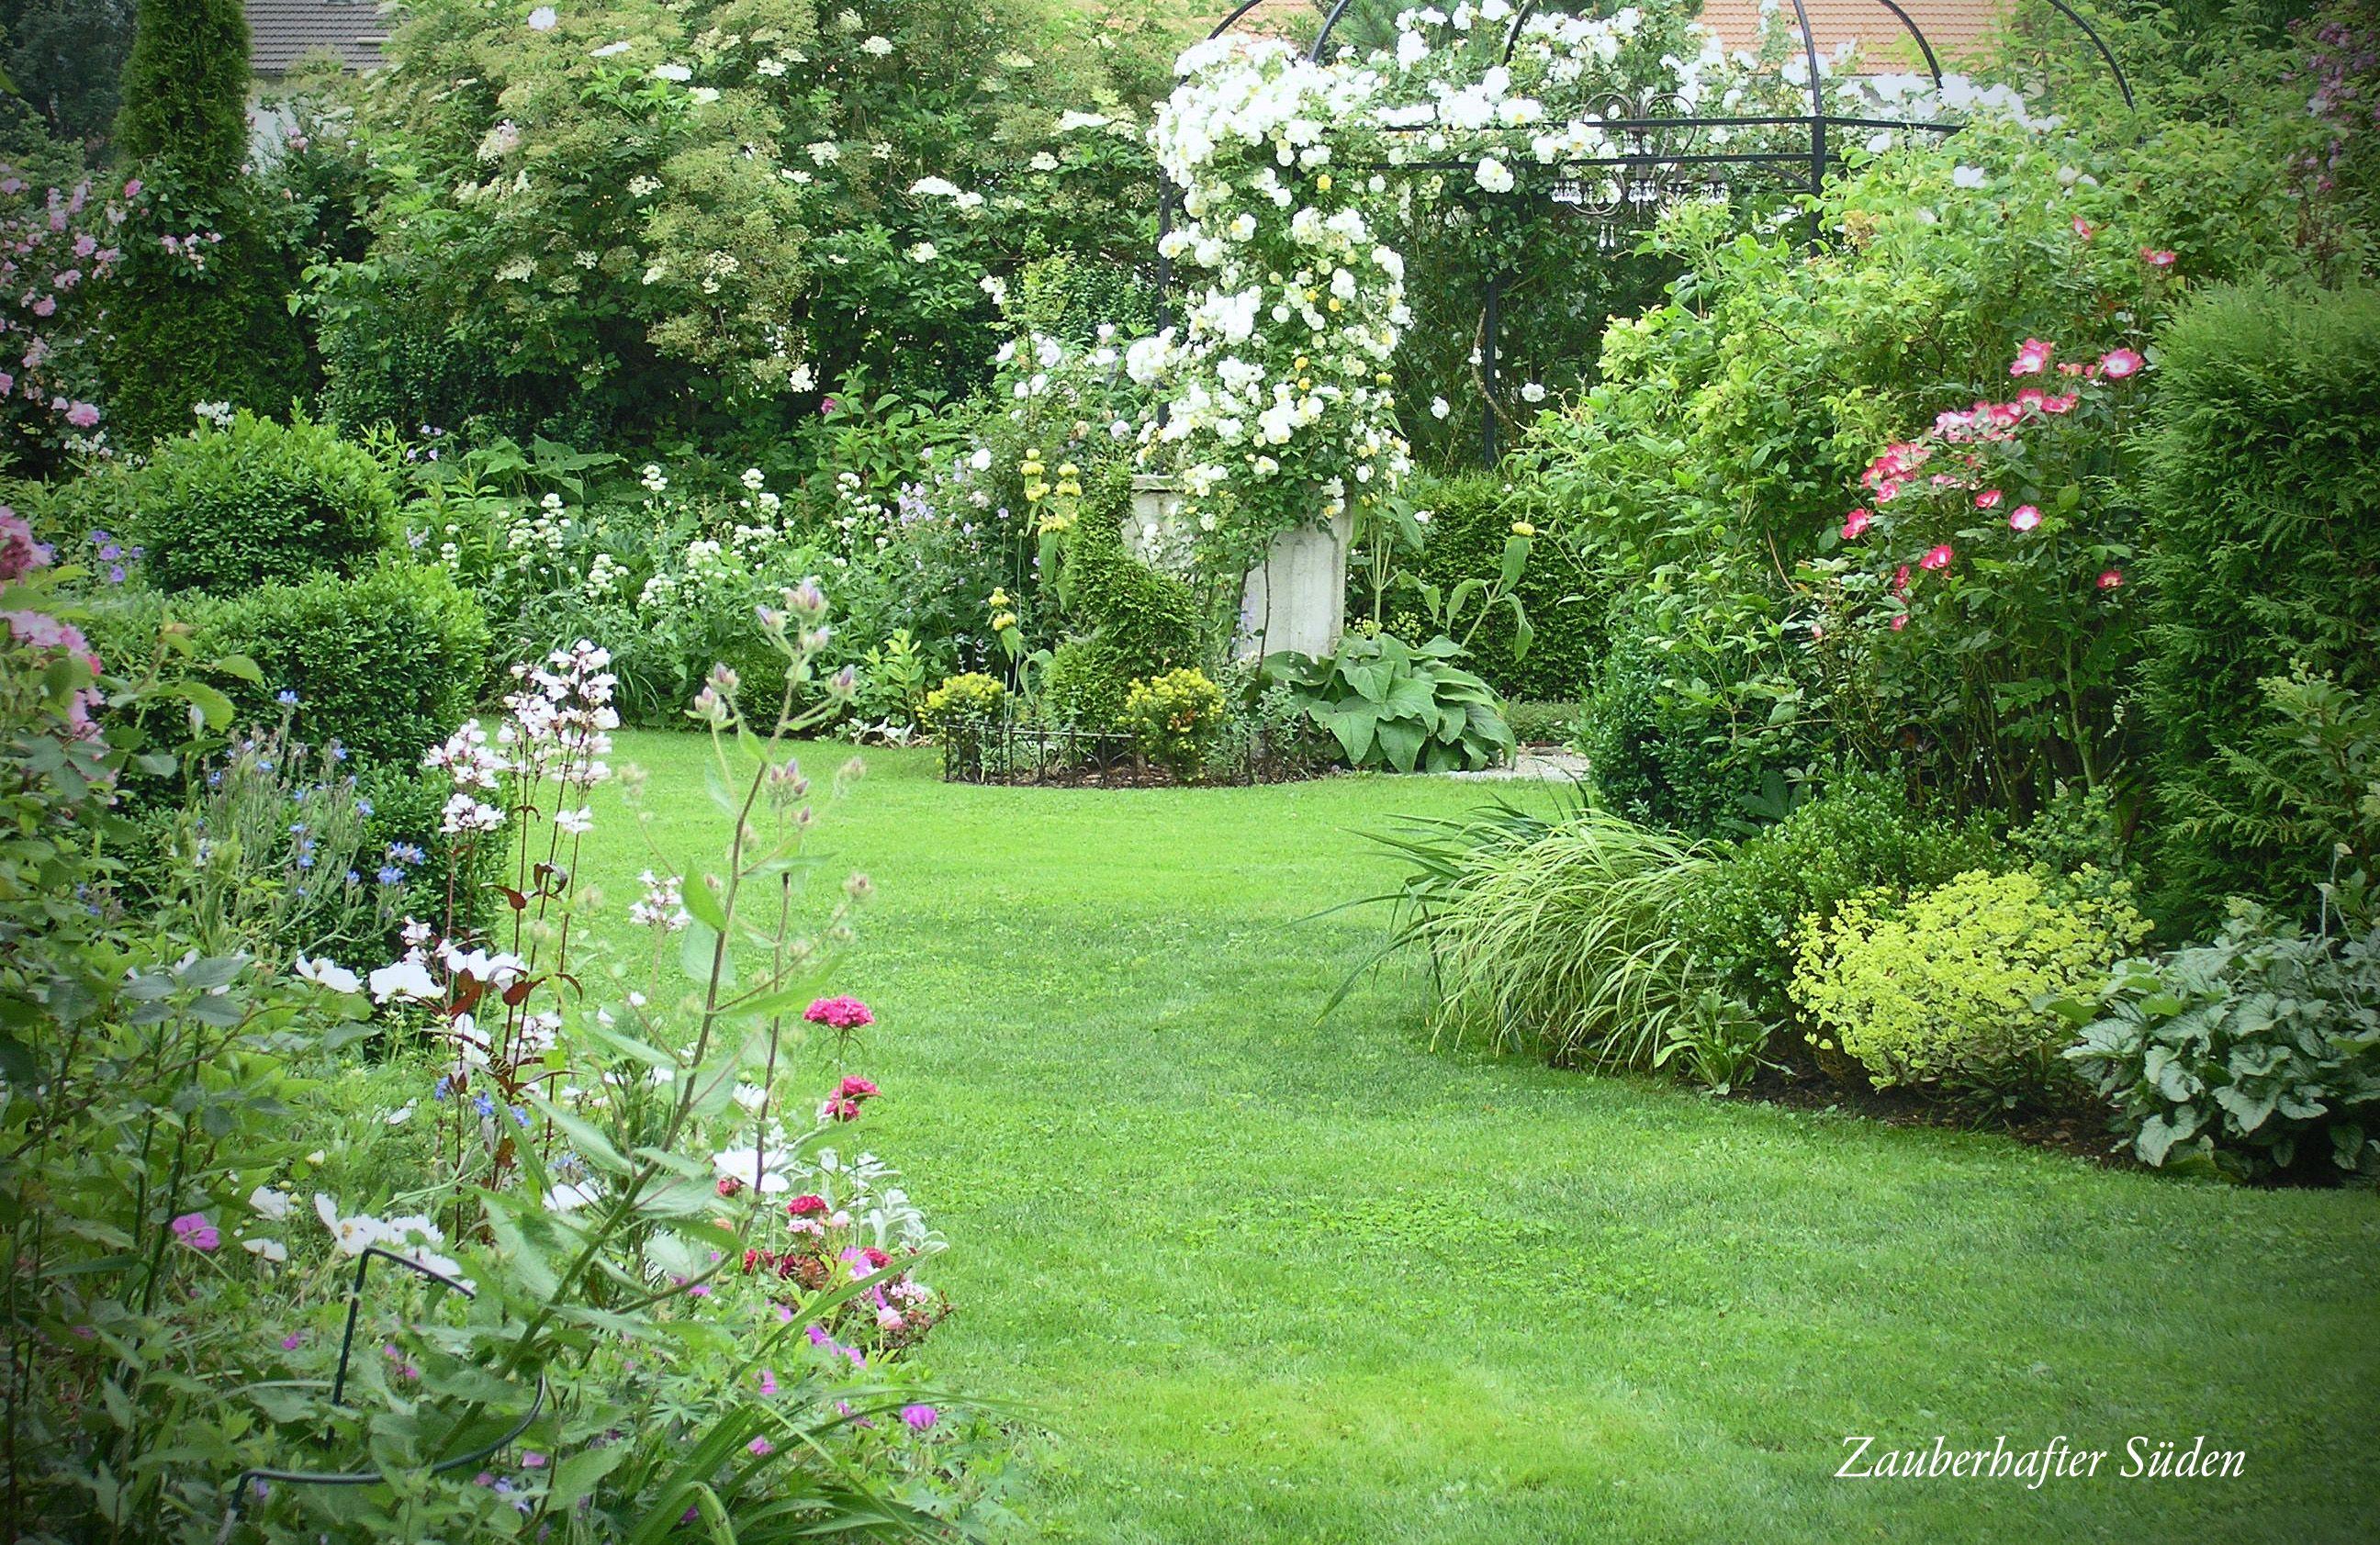 Innenarchitektur Gartentraum Das Beste Von Zauberhafter Süden, Der Garten Von Petra Steiner